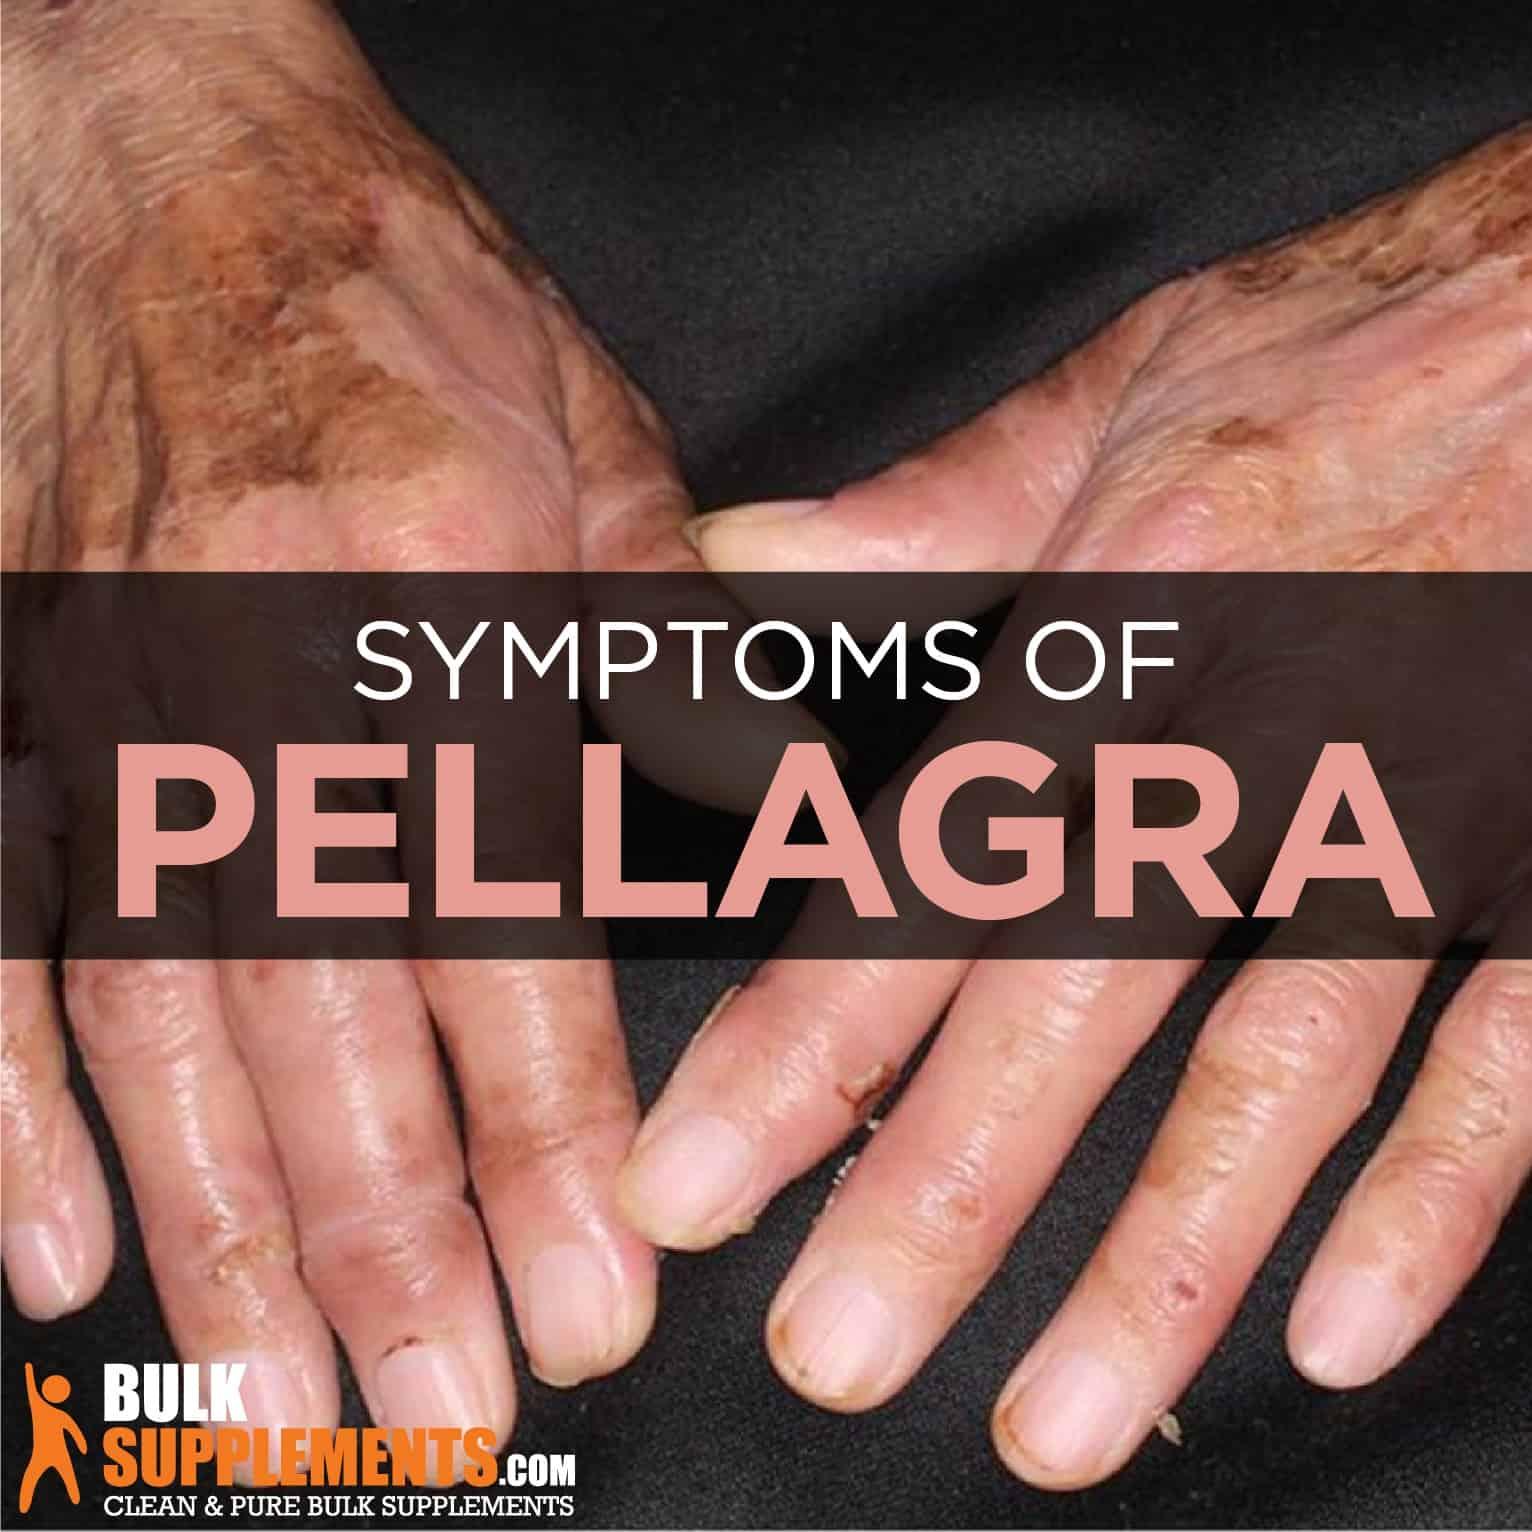 Pellagra